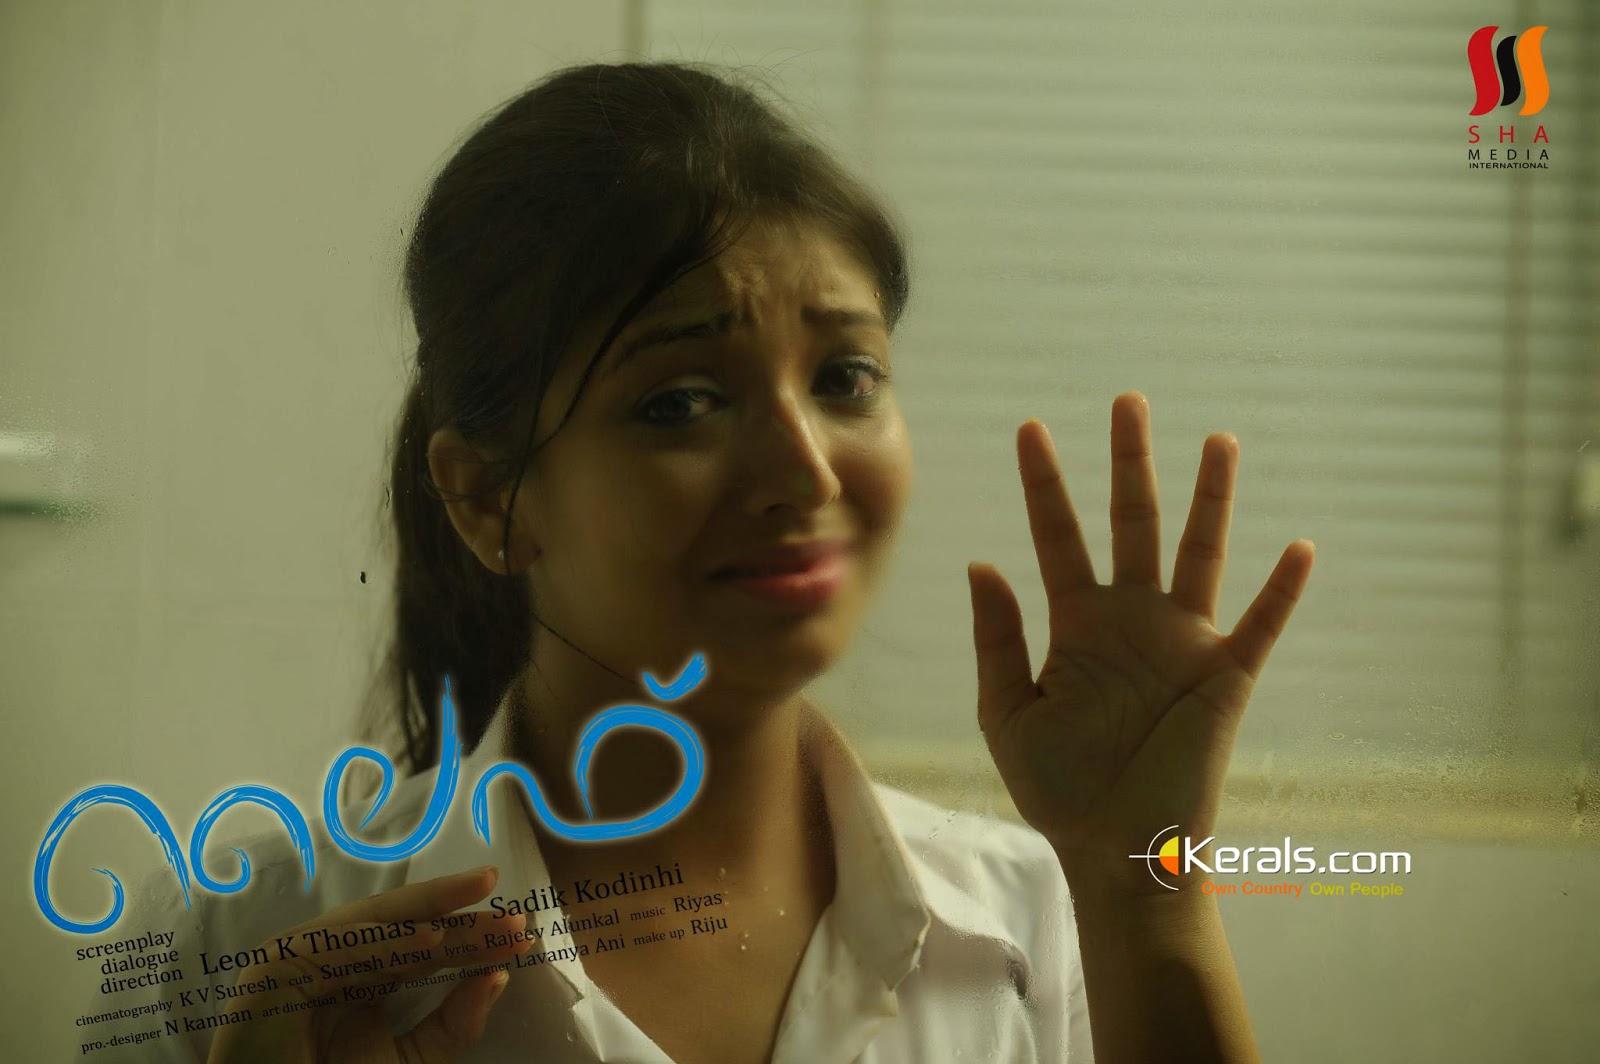 Redwine Malayalam: Life new latest malayalam movie